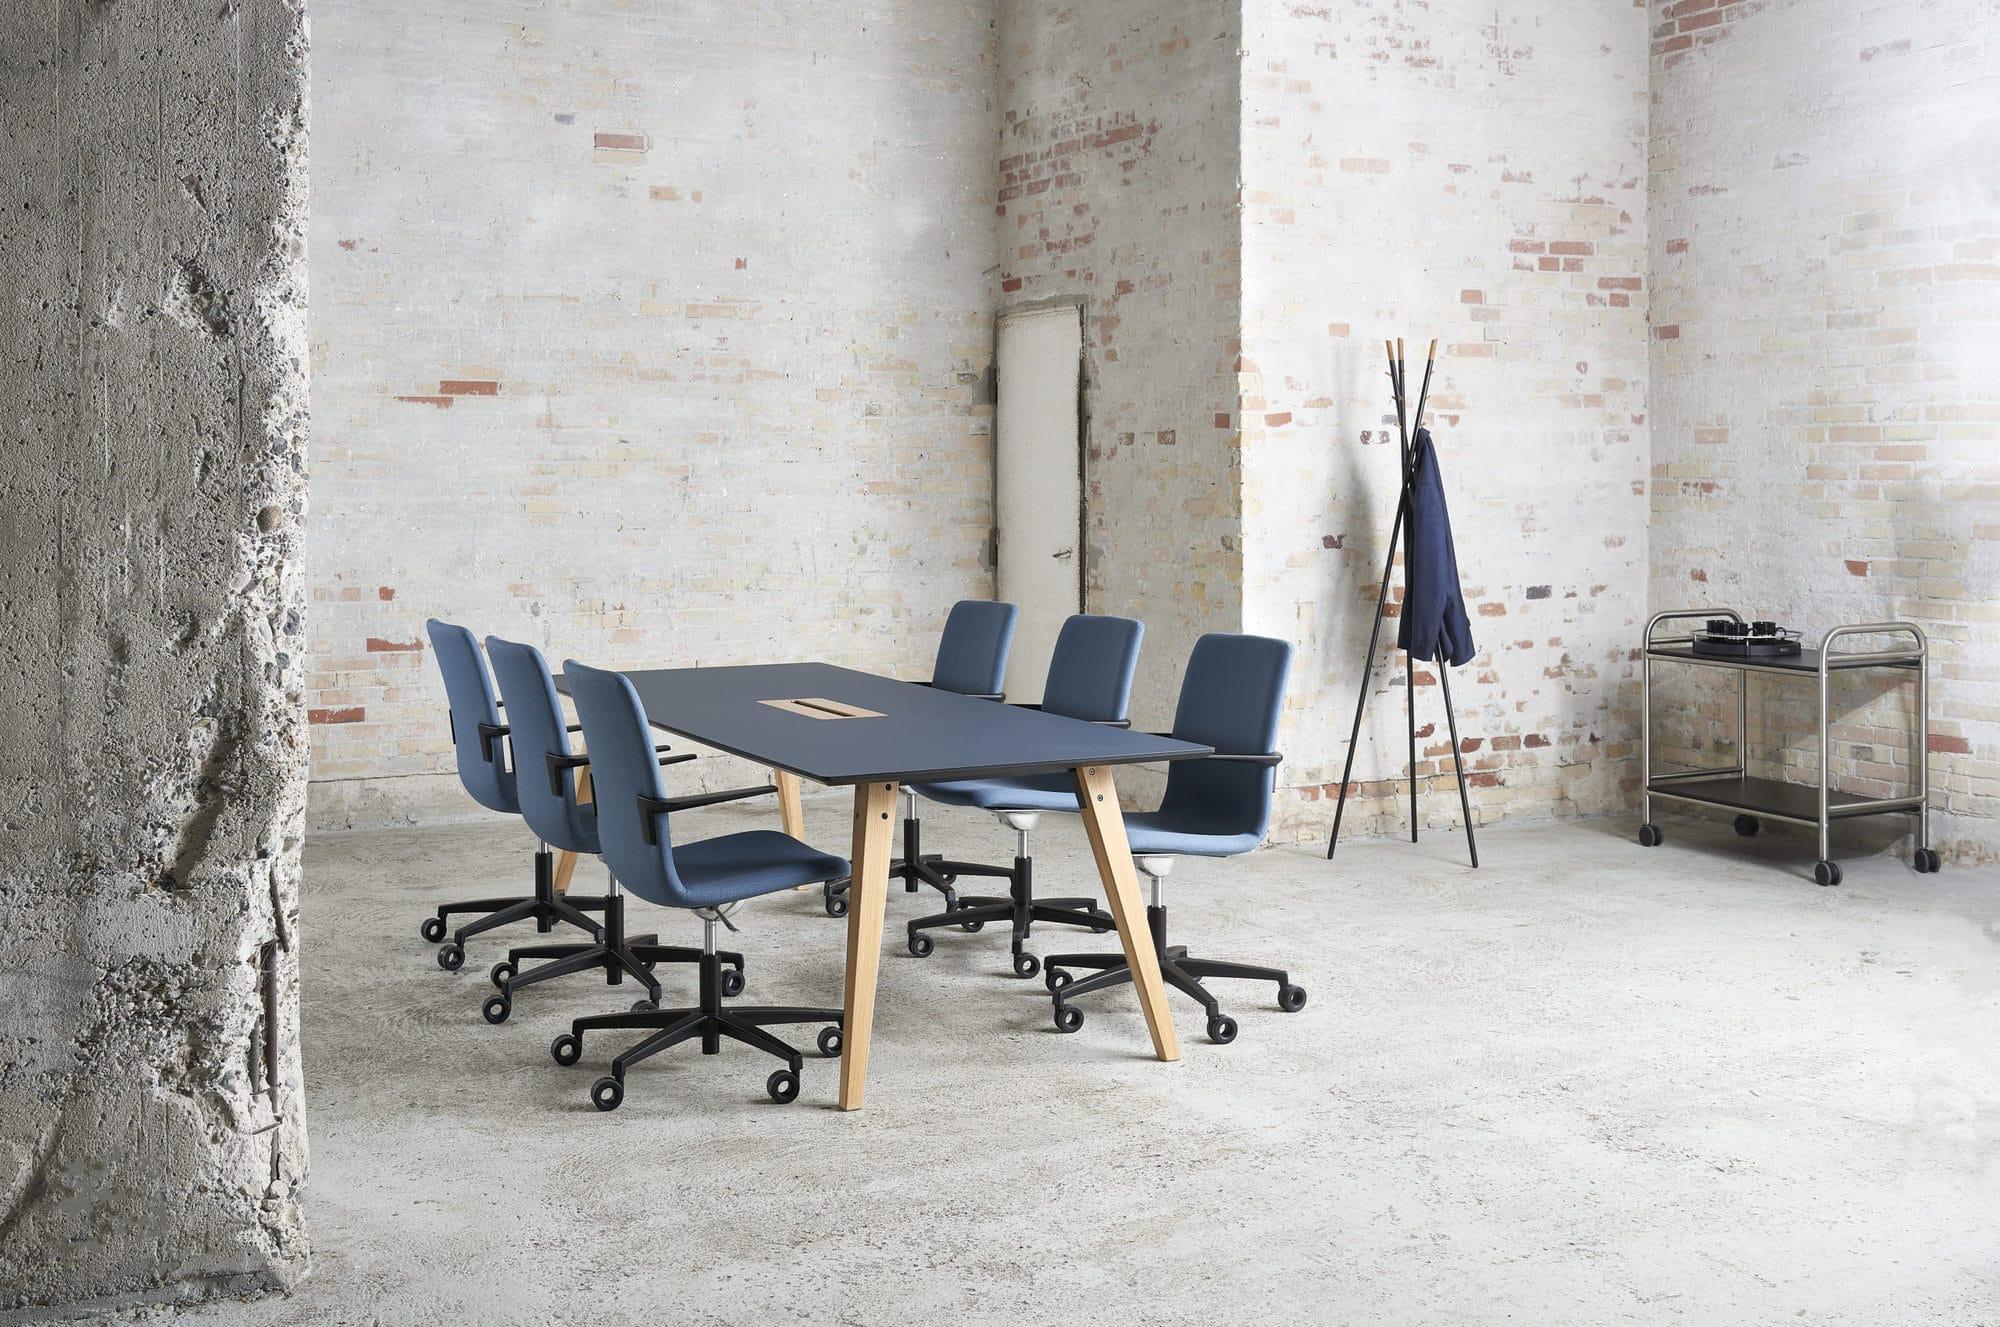 Cube Design - kontormøbler - Spider konferencebord - træben - massiv egetræ - S20 konferencestol med høj ryg - rullebord - stumtjener